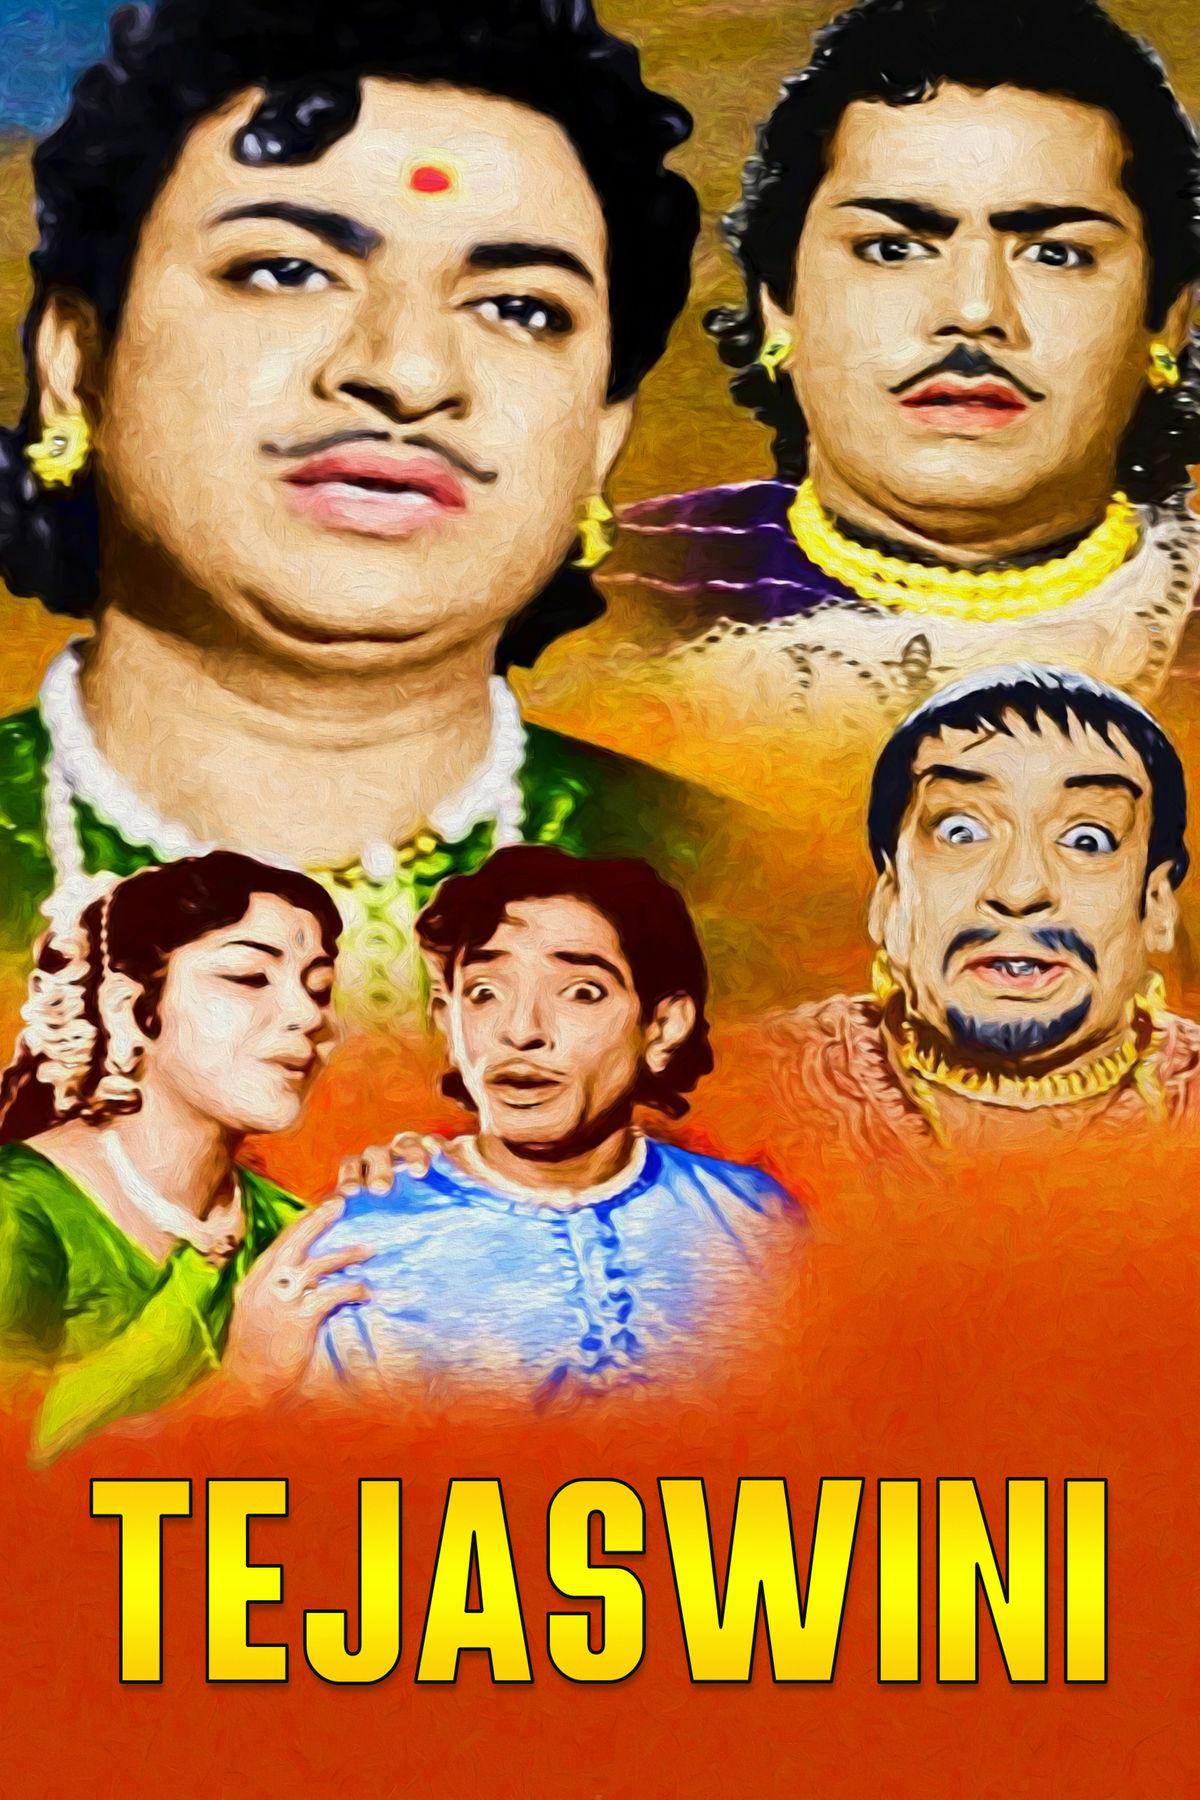 Tejaswini - Kannada